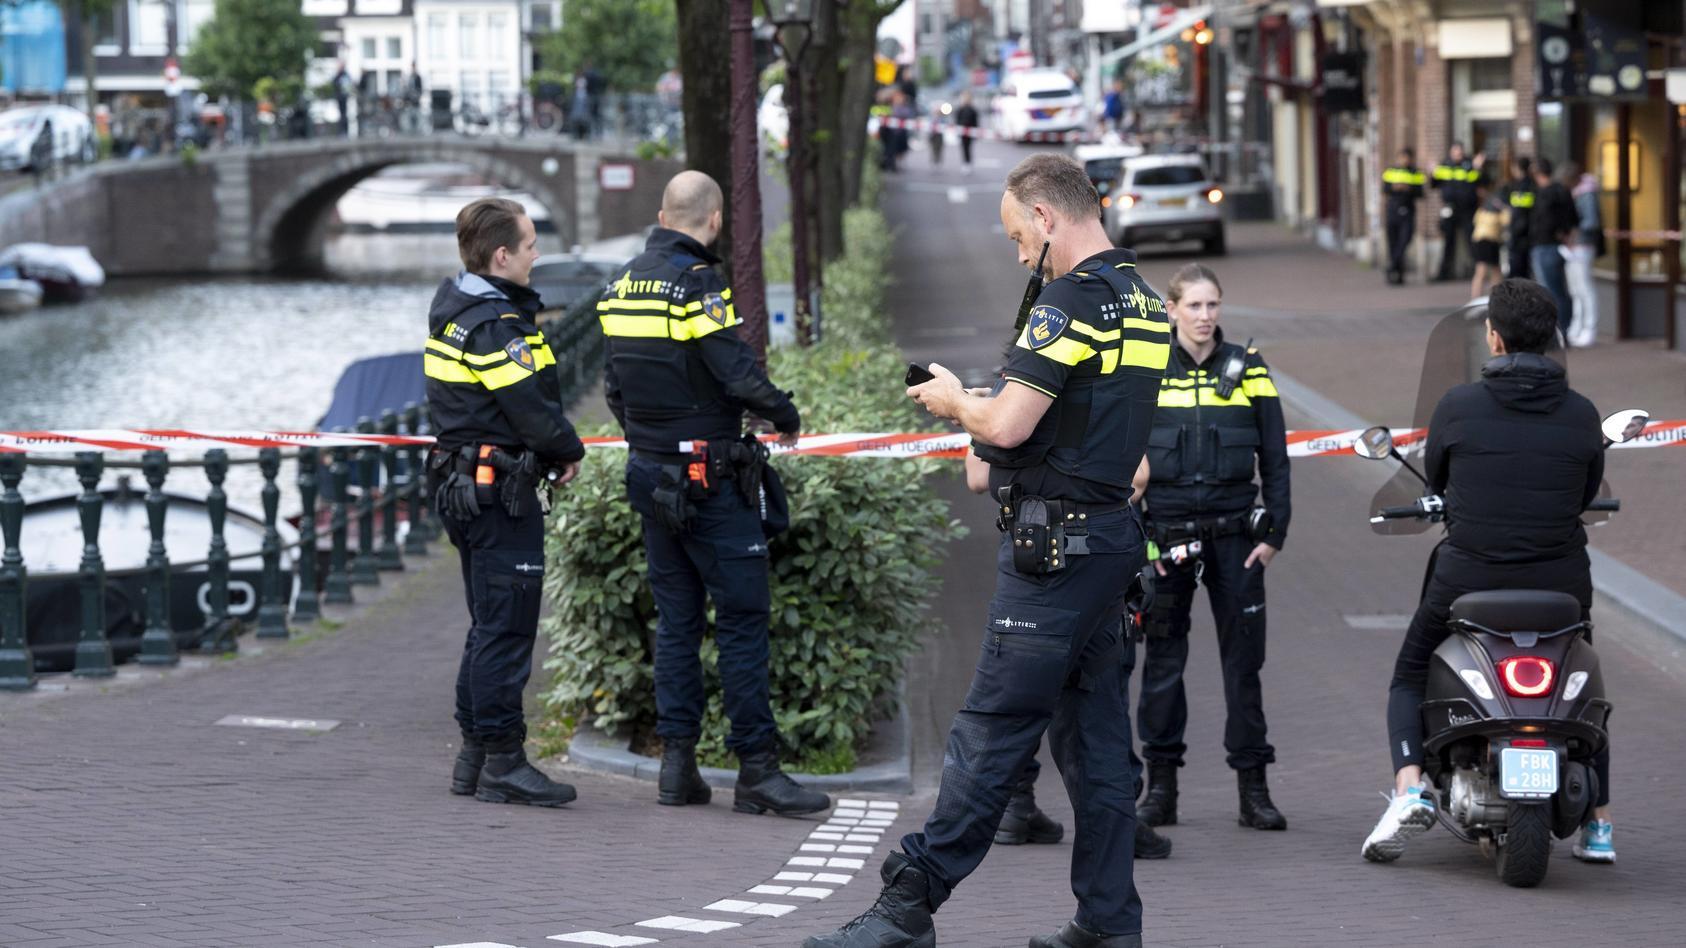 Kriminalreporter Peter R. de Vries wurde am Dienstagabend niedergeschossen.